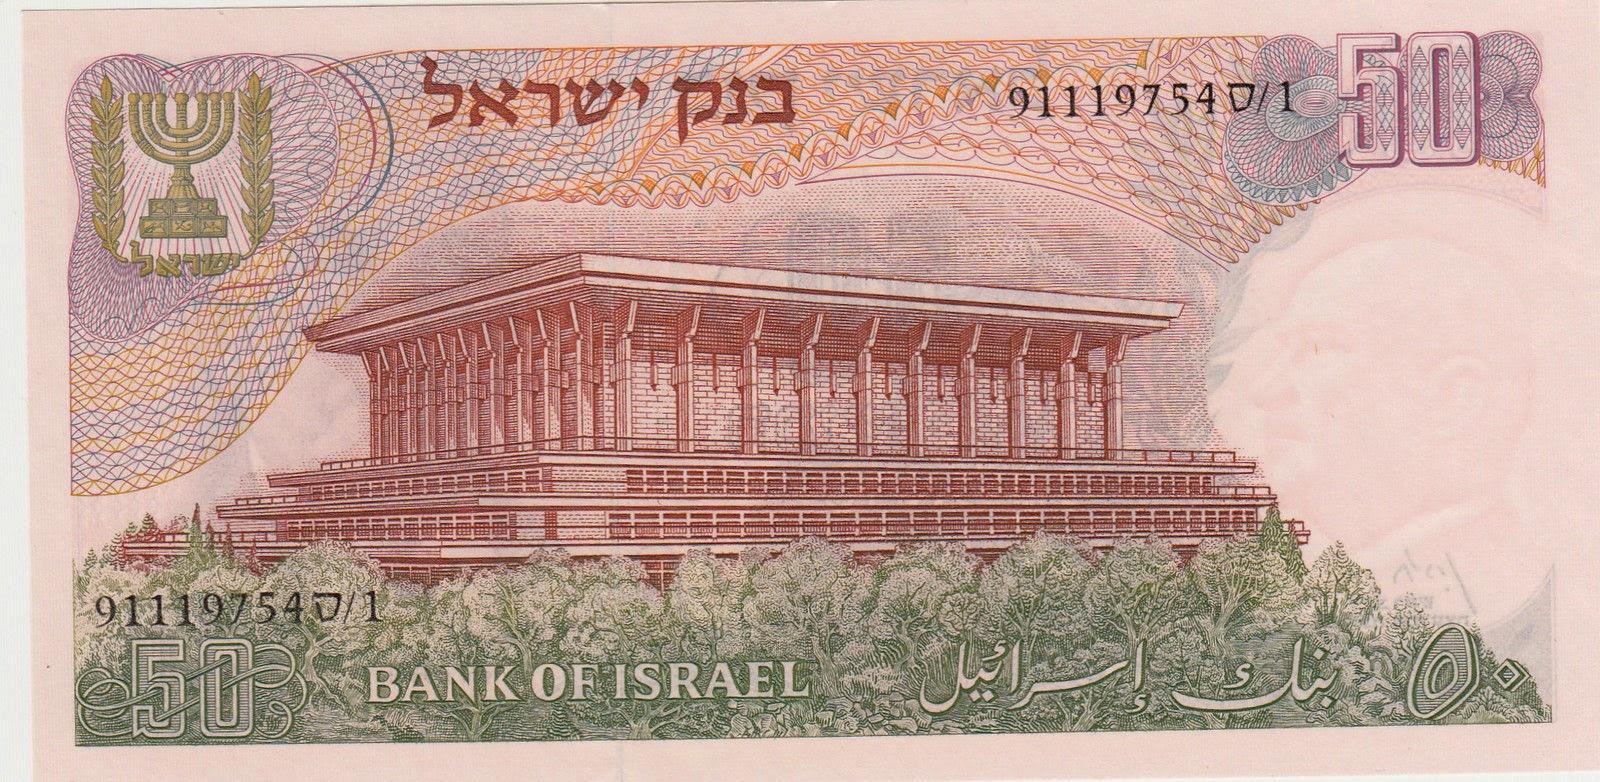 Israel Banknotes 50 Israeli Pounds 1968 Knesset Building in Jerusalem